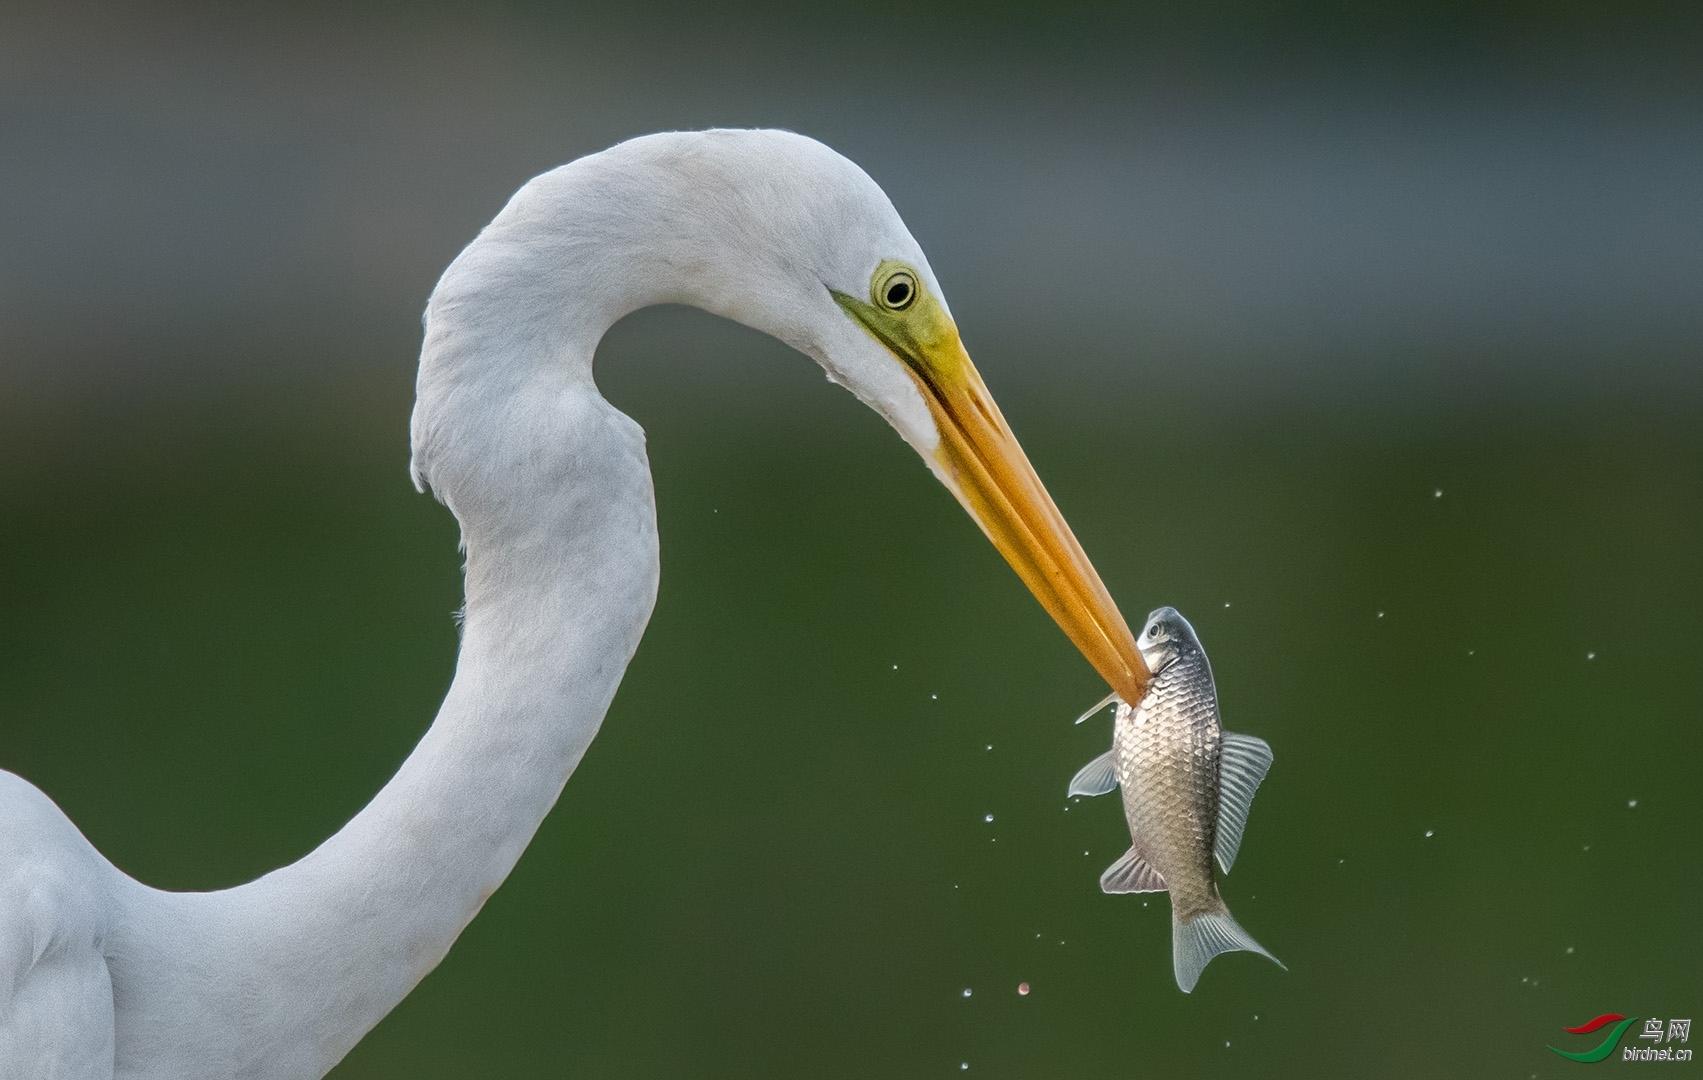 早起的小鸟20201166.大白鹭的晚餐.jpg